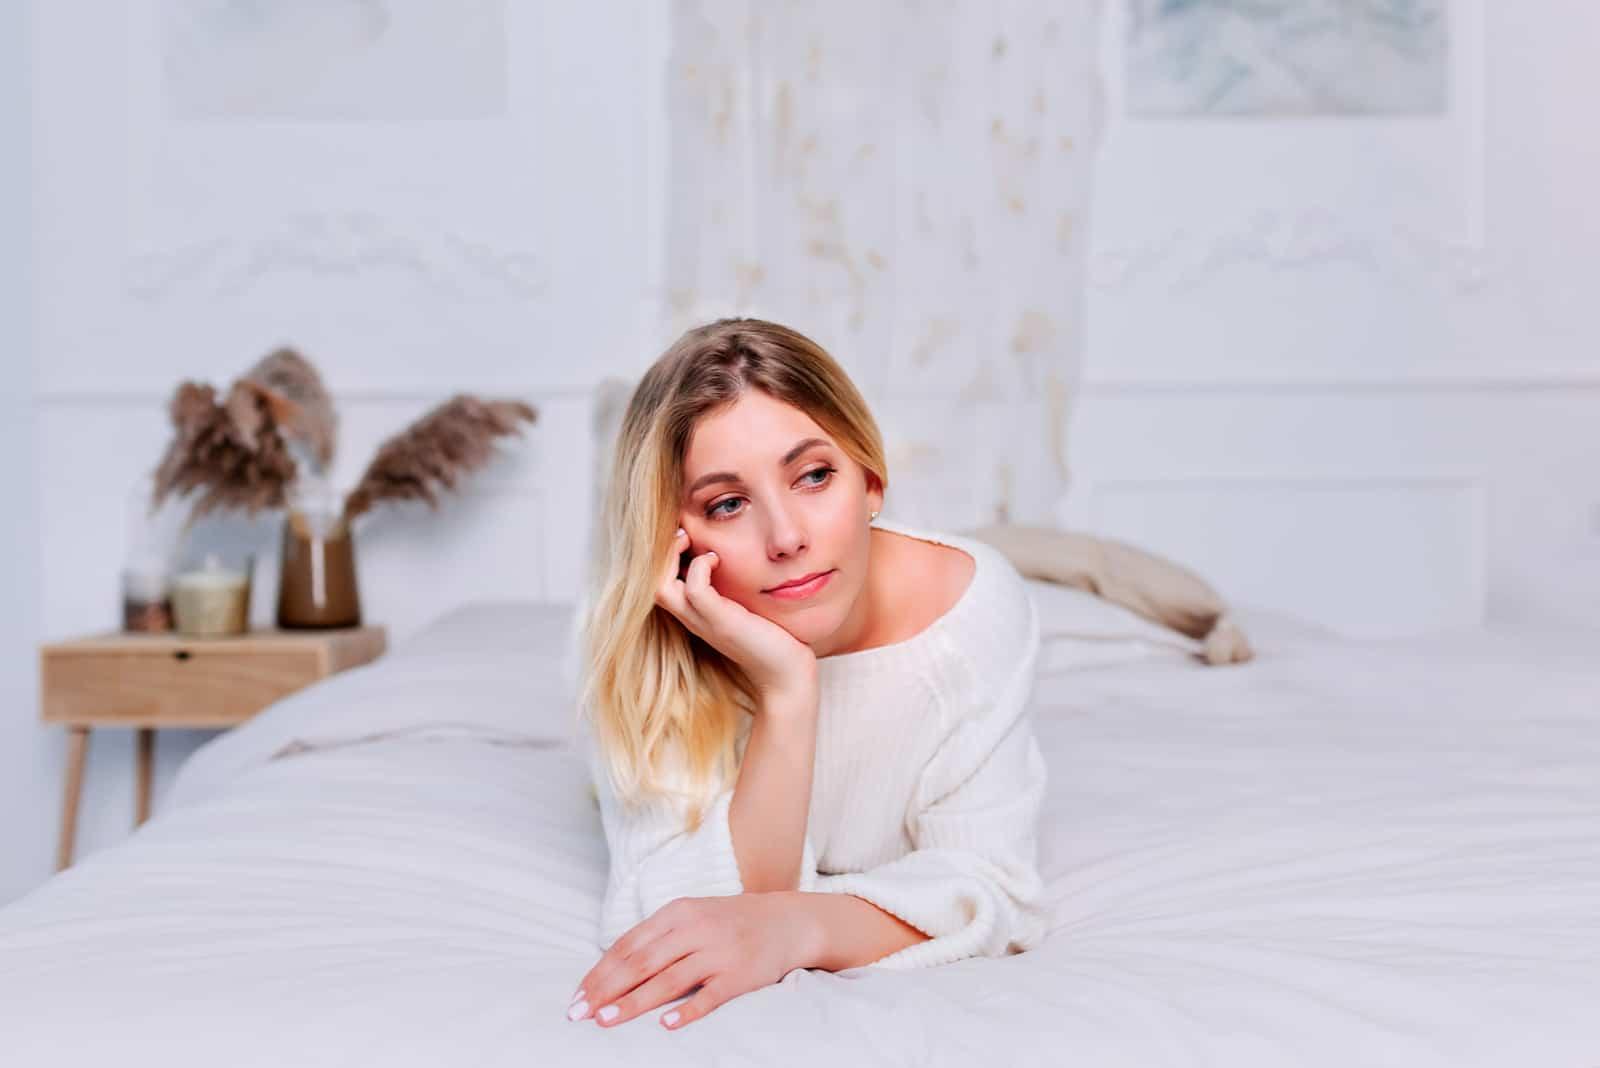 Die Blondine liegt auf dem Bett und denkt nach